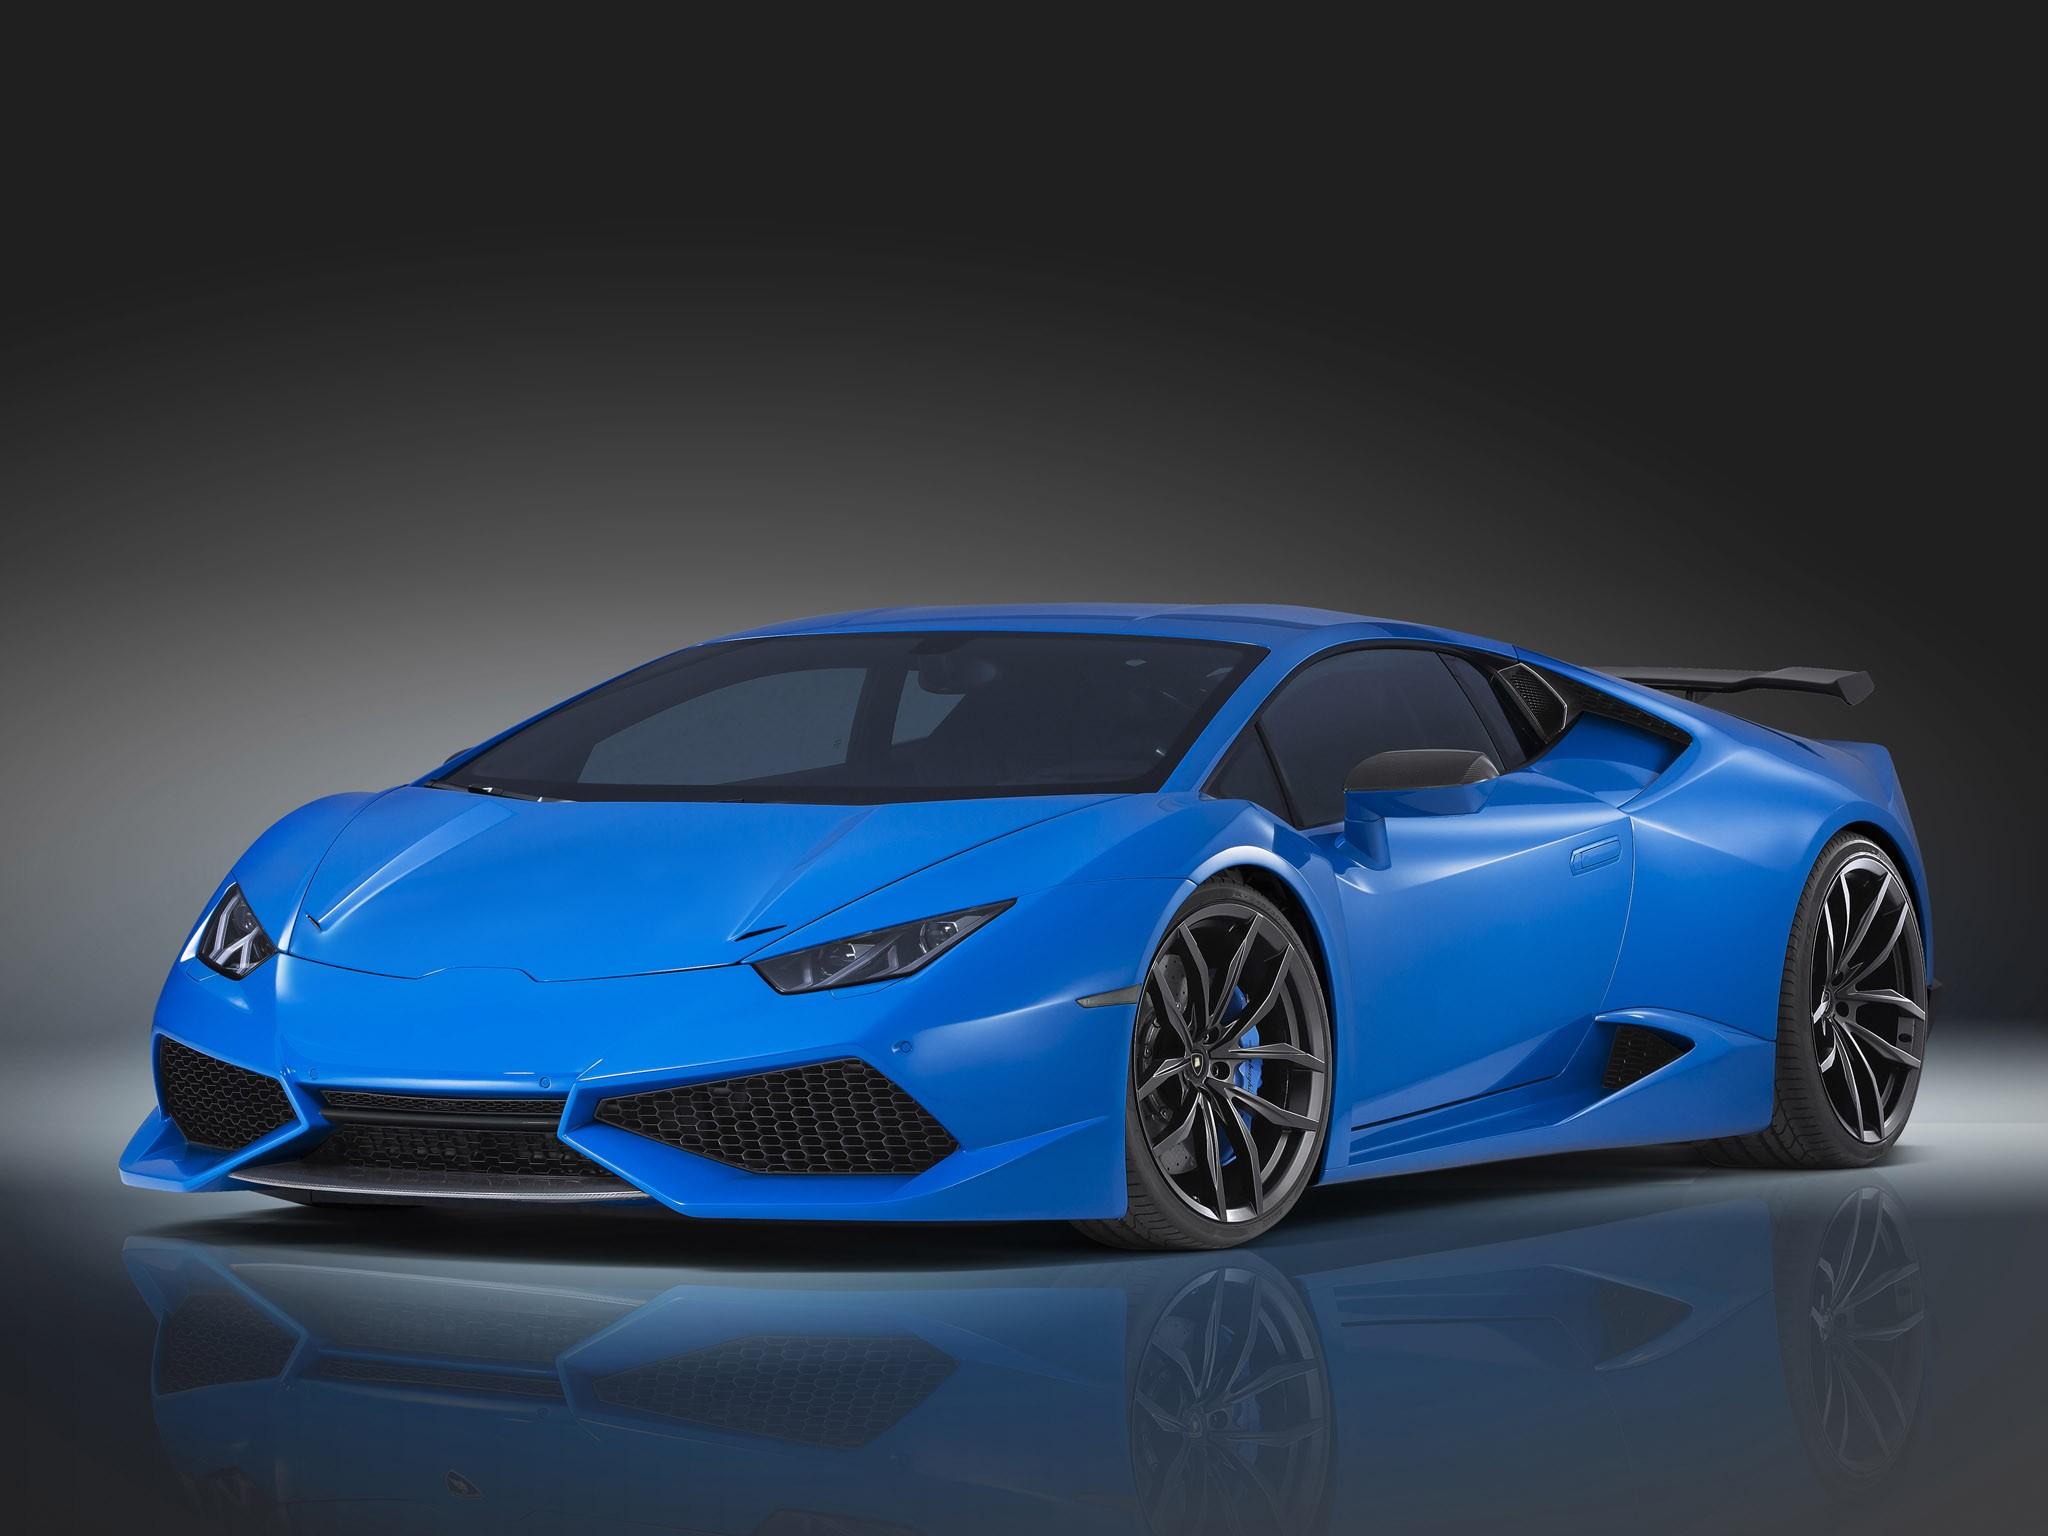 2015 Lamborghini Huracan lp610-4 N-Largo lb724 by Novitec